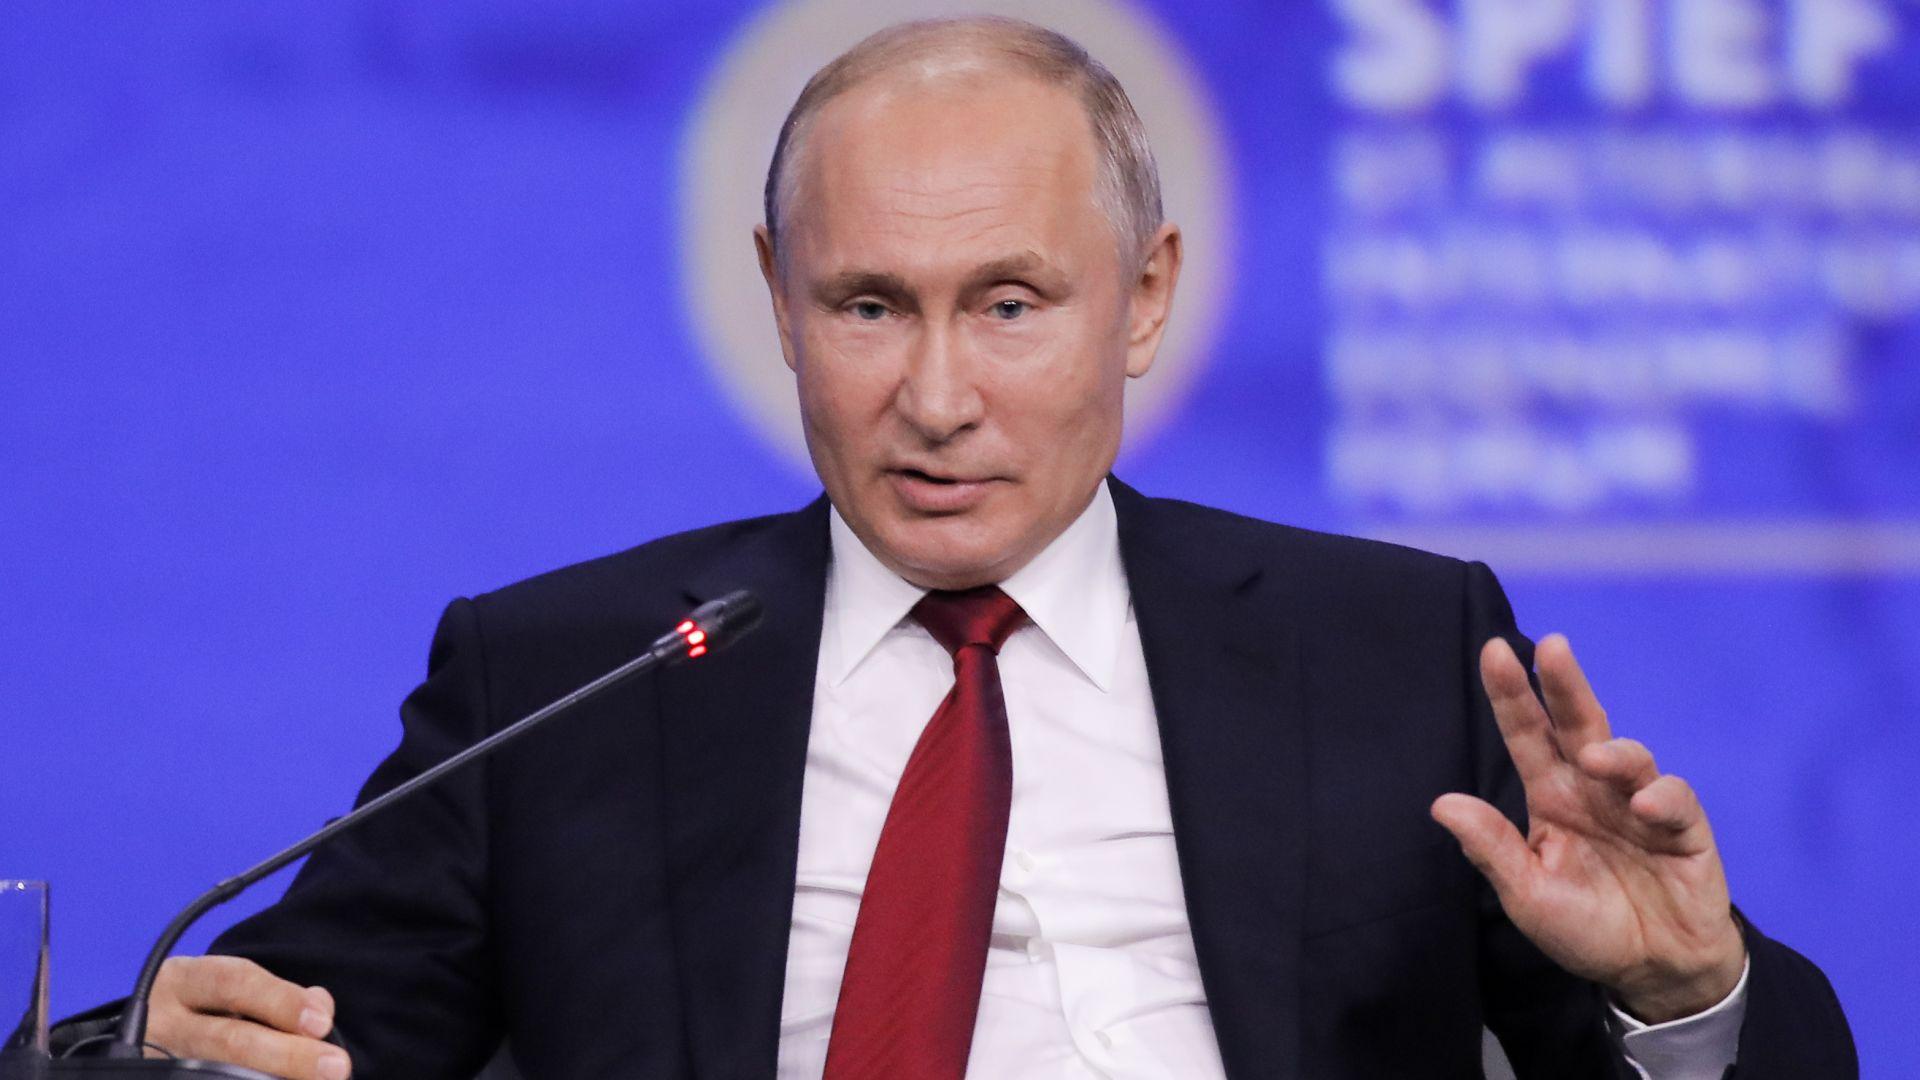 20 години на власт: защо Путин изглежда несменяем